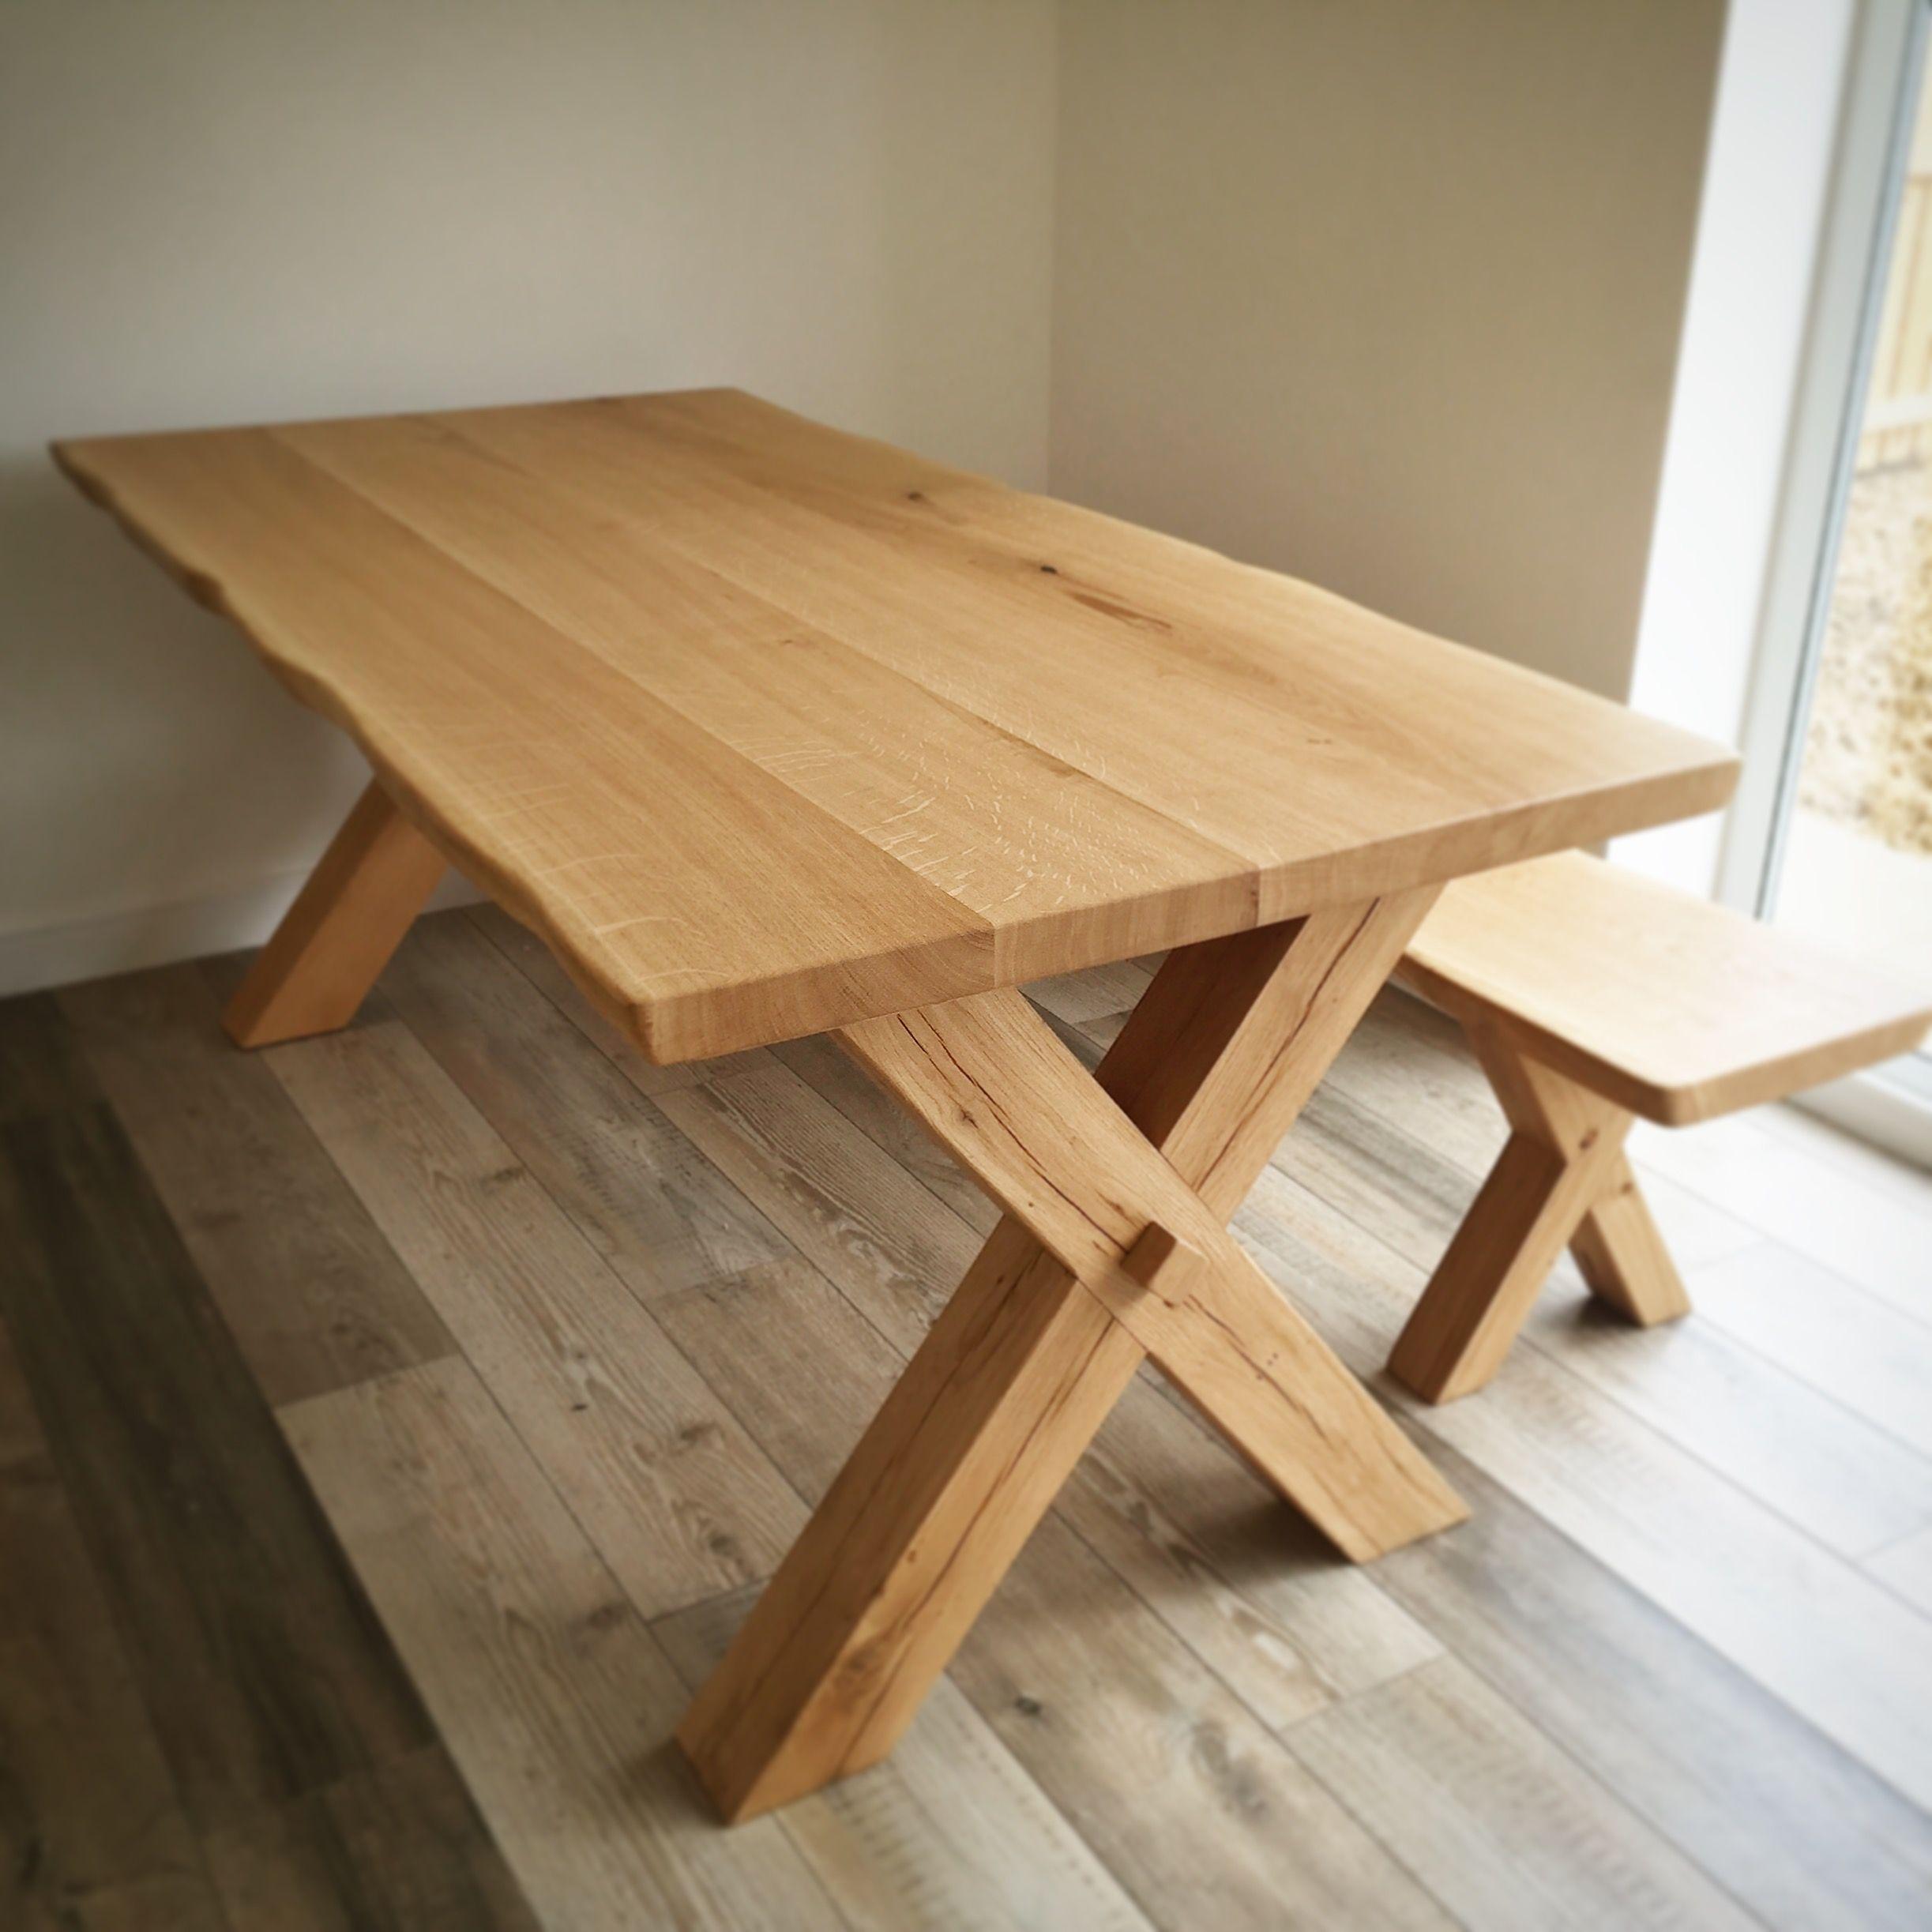 Cross Leg Solid Oak Dining Table Handmade In The Uk Solid Oak